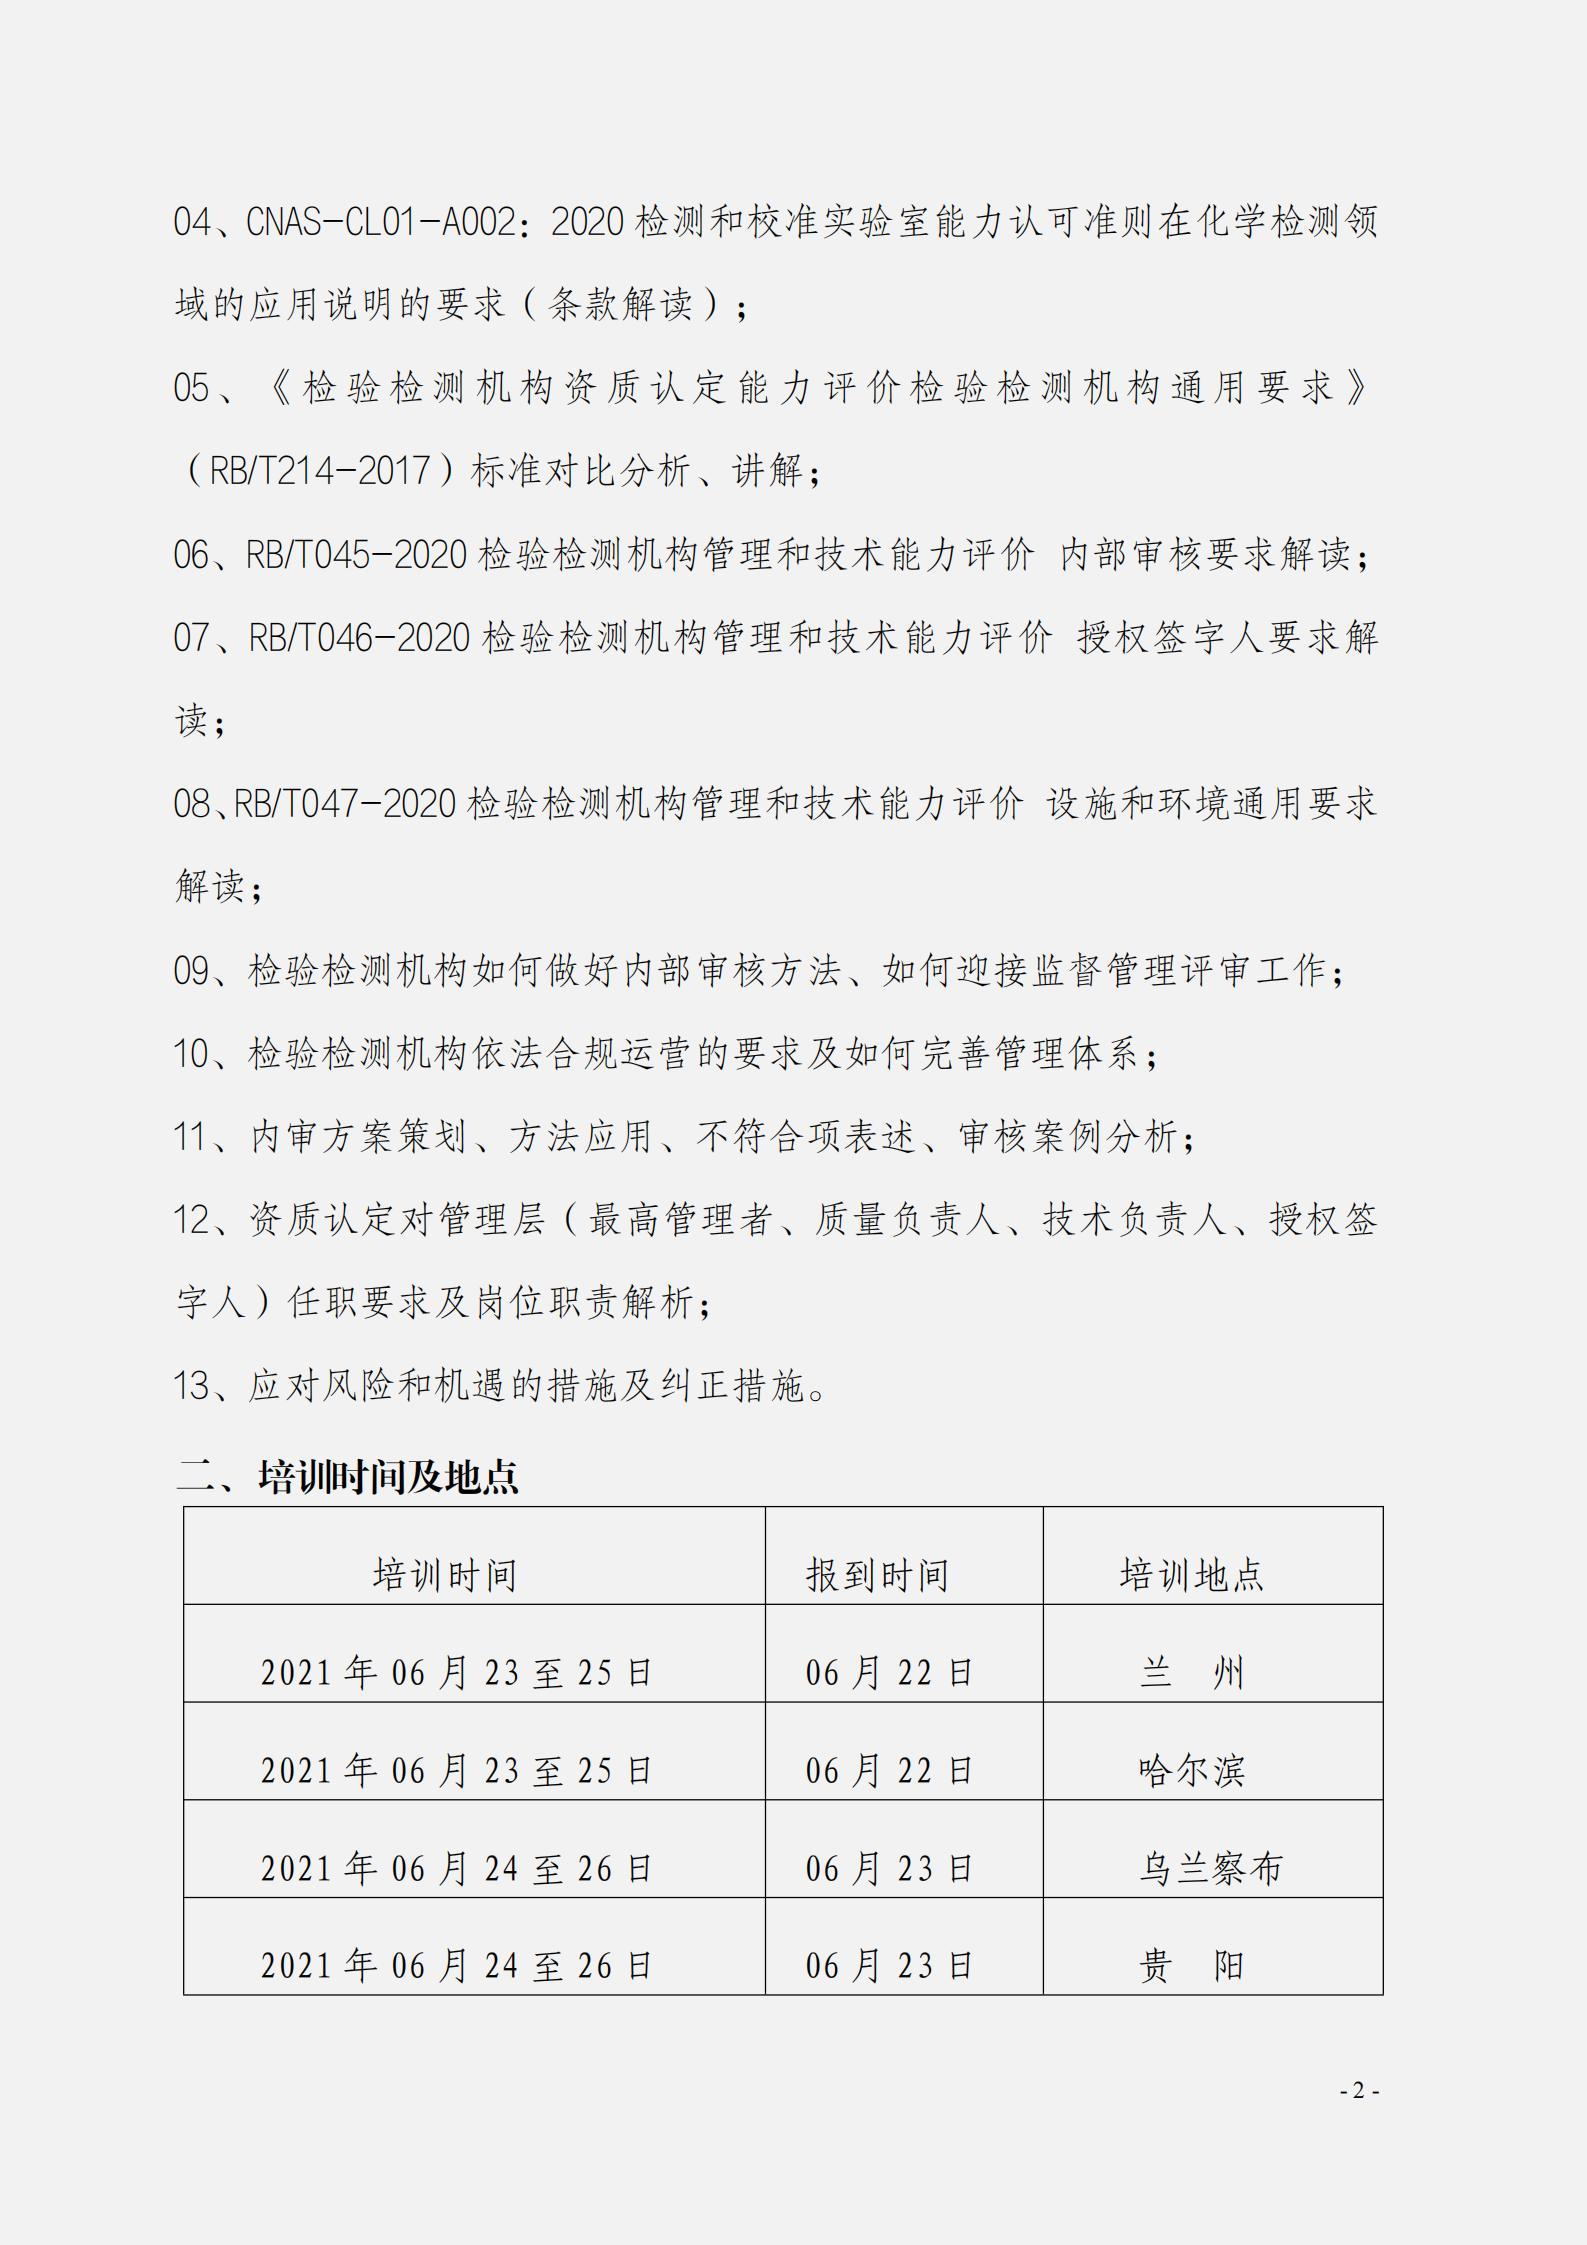 2021年6-8月份现场解读《检验检测机构资质认定管理办法》163号令_01.jpg